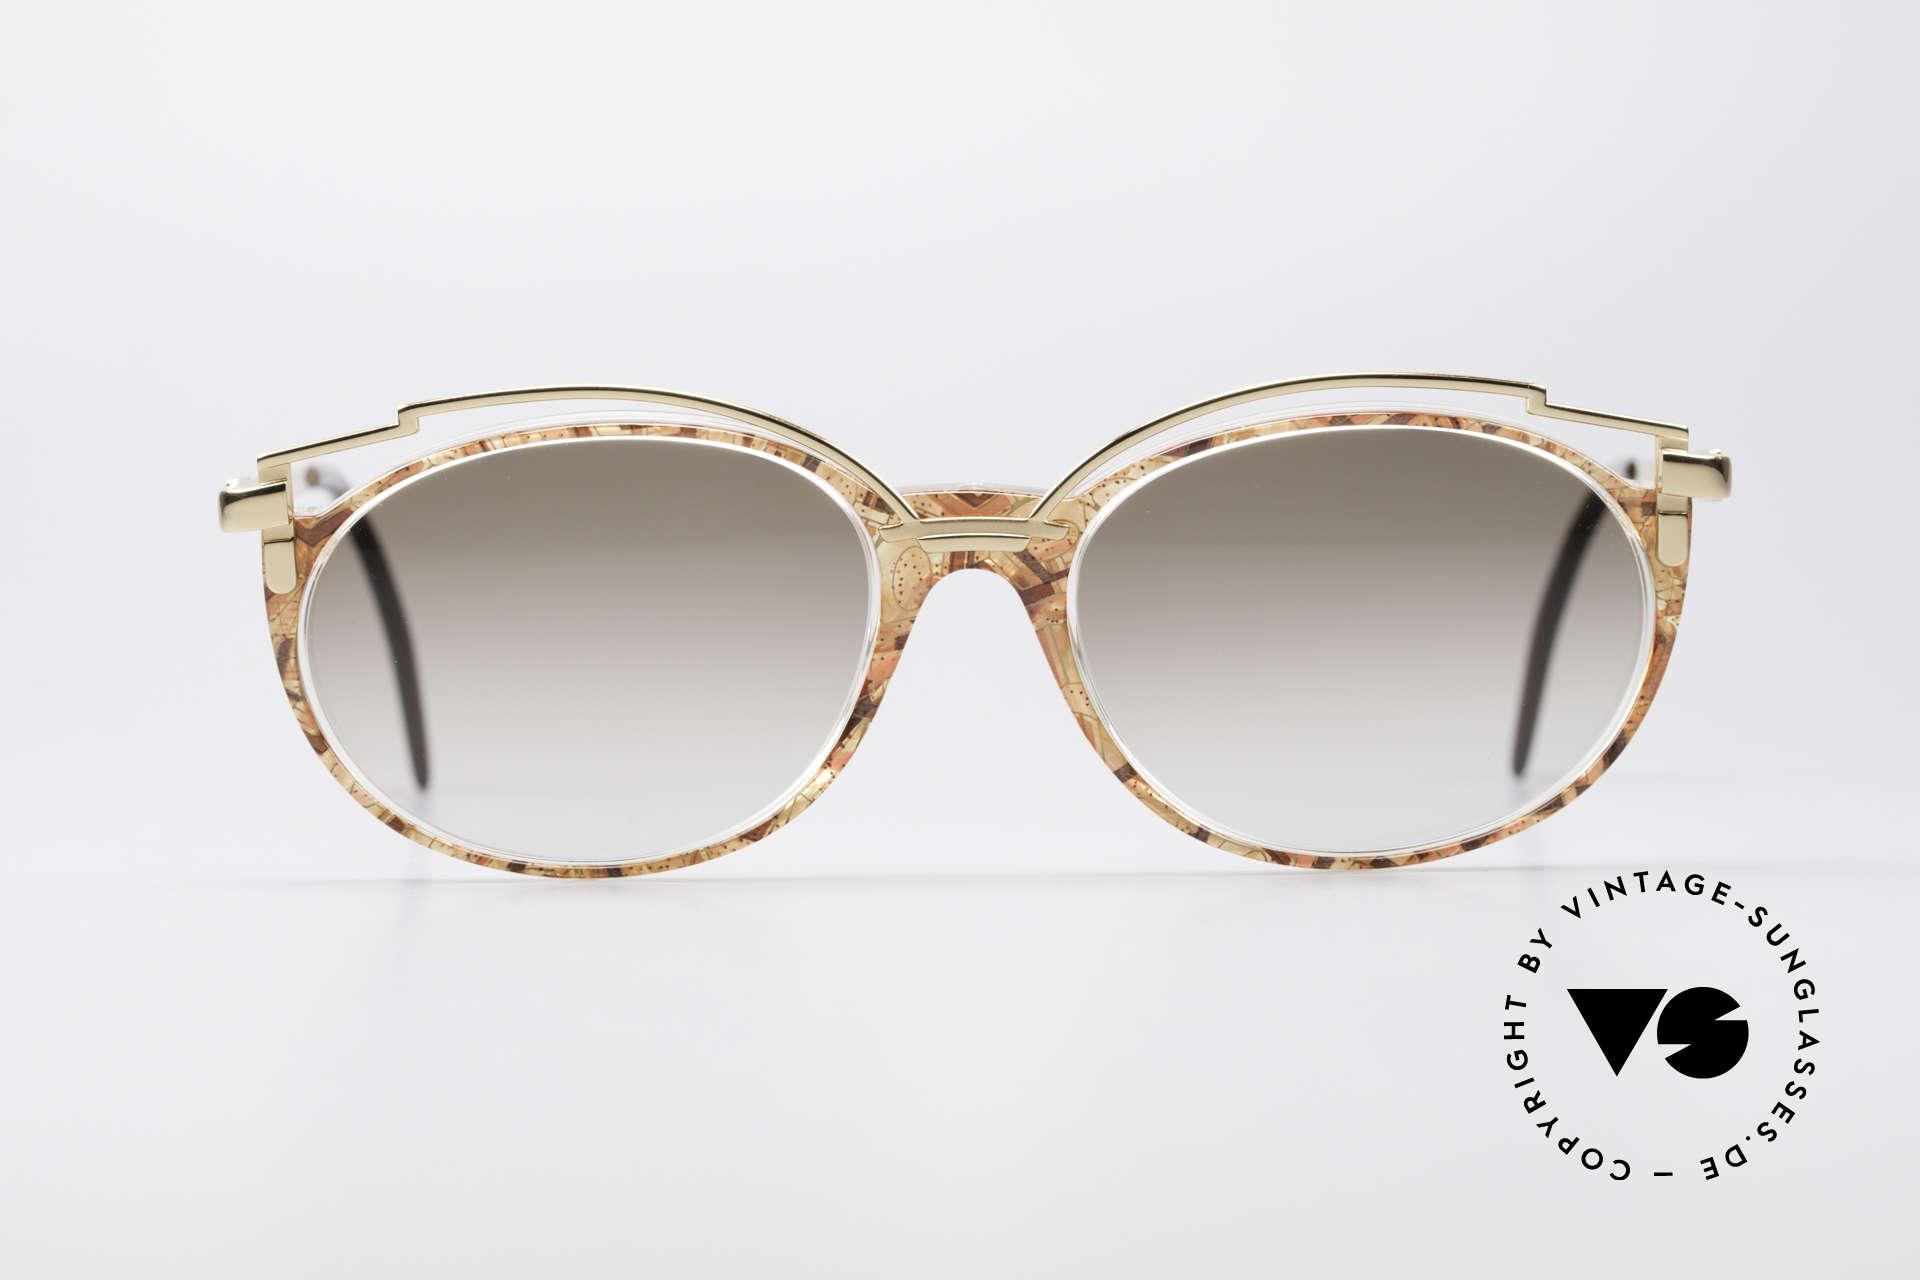 Cazal 358 90er Damen Sonnenbrille Vintage, elegante Verzierung oberhalb des Kunststoff-Rahmens, Passend für Damen